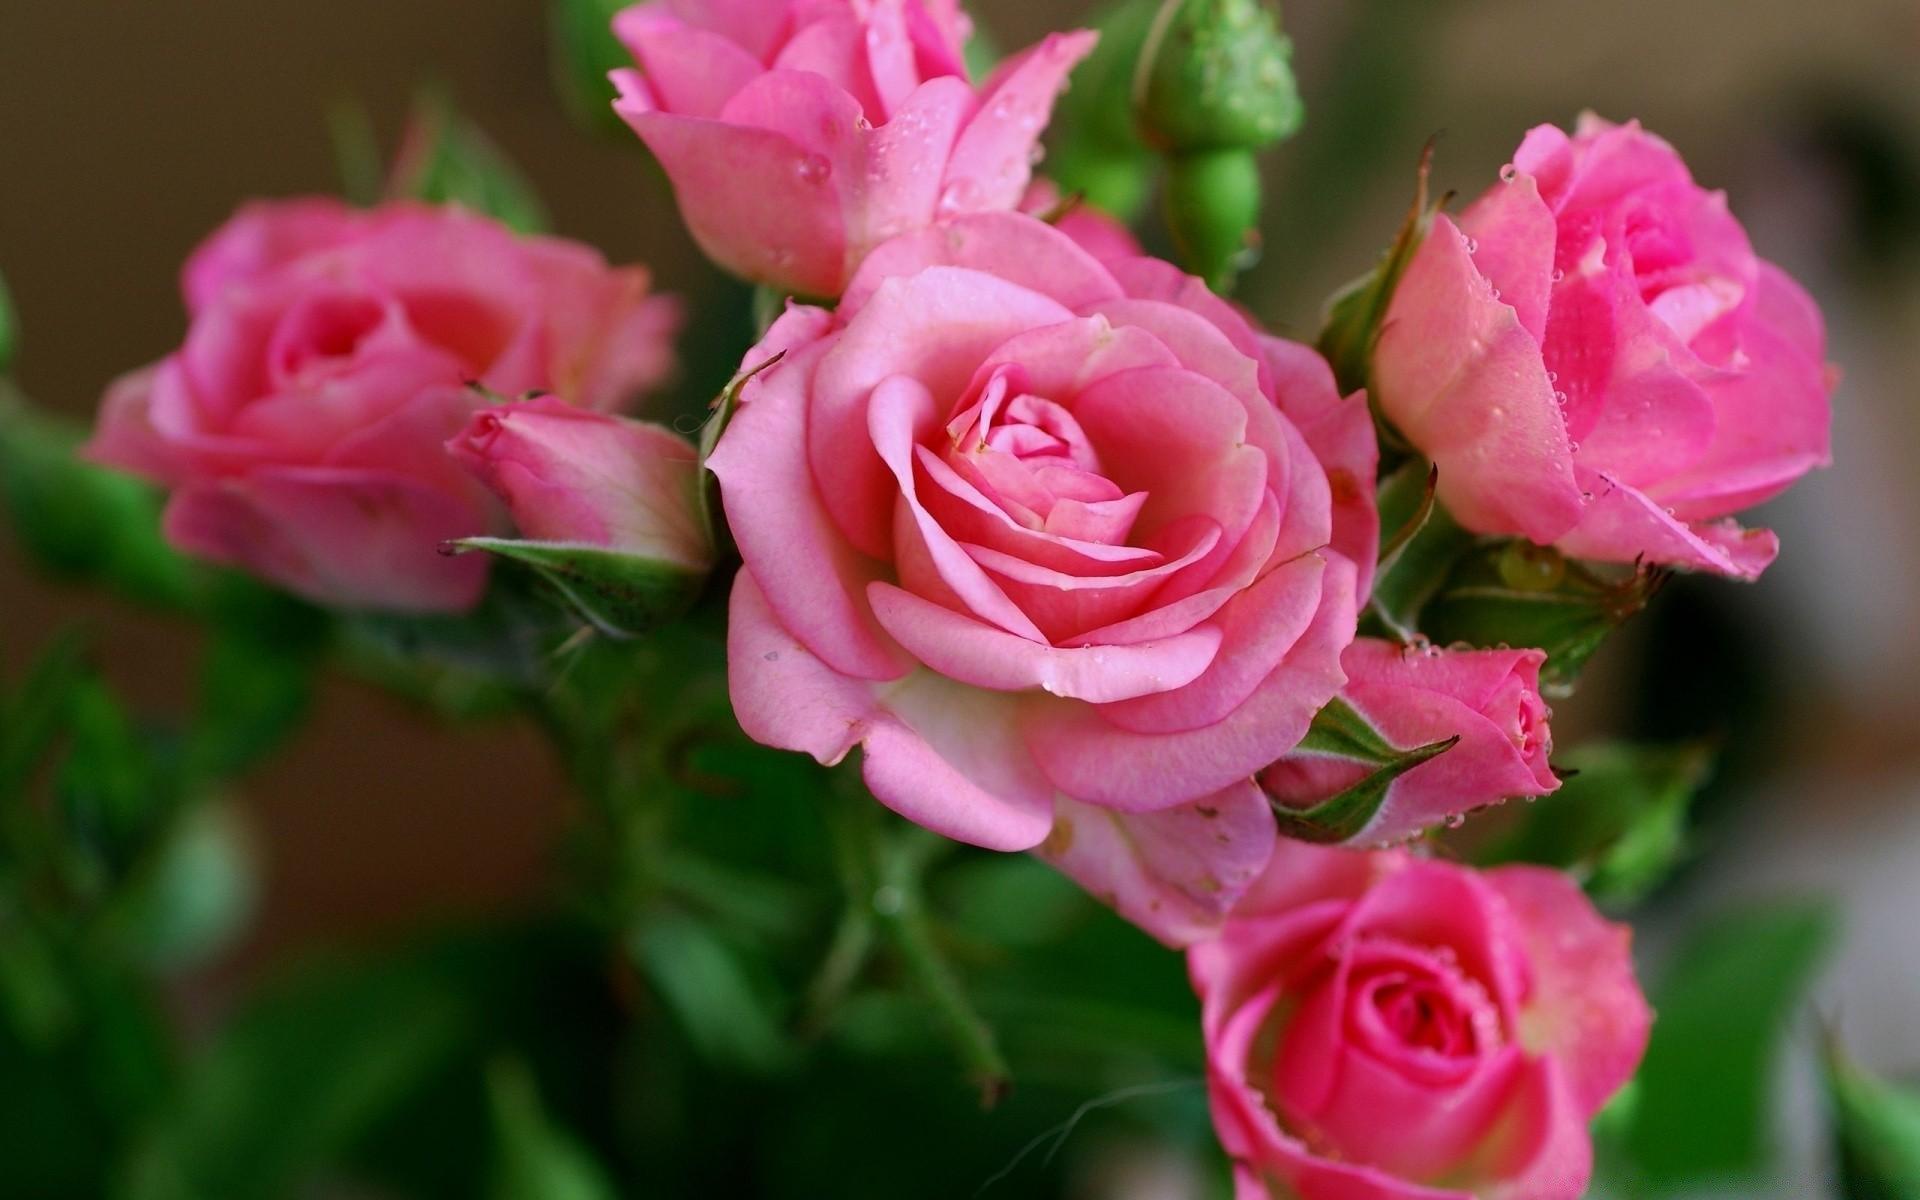 Картинки, красивые картинки розы на телефон на весь экран